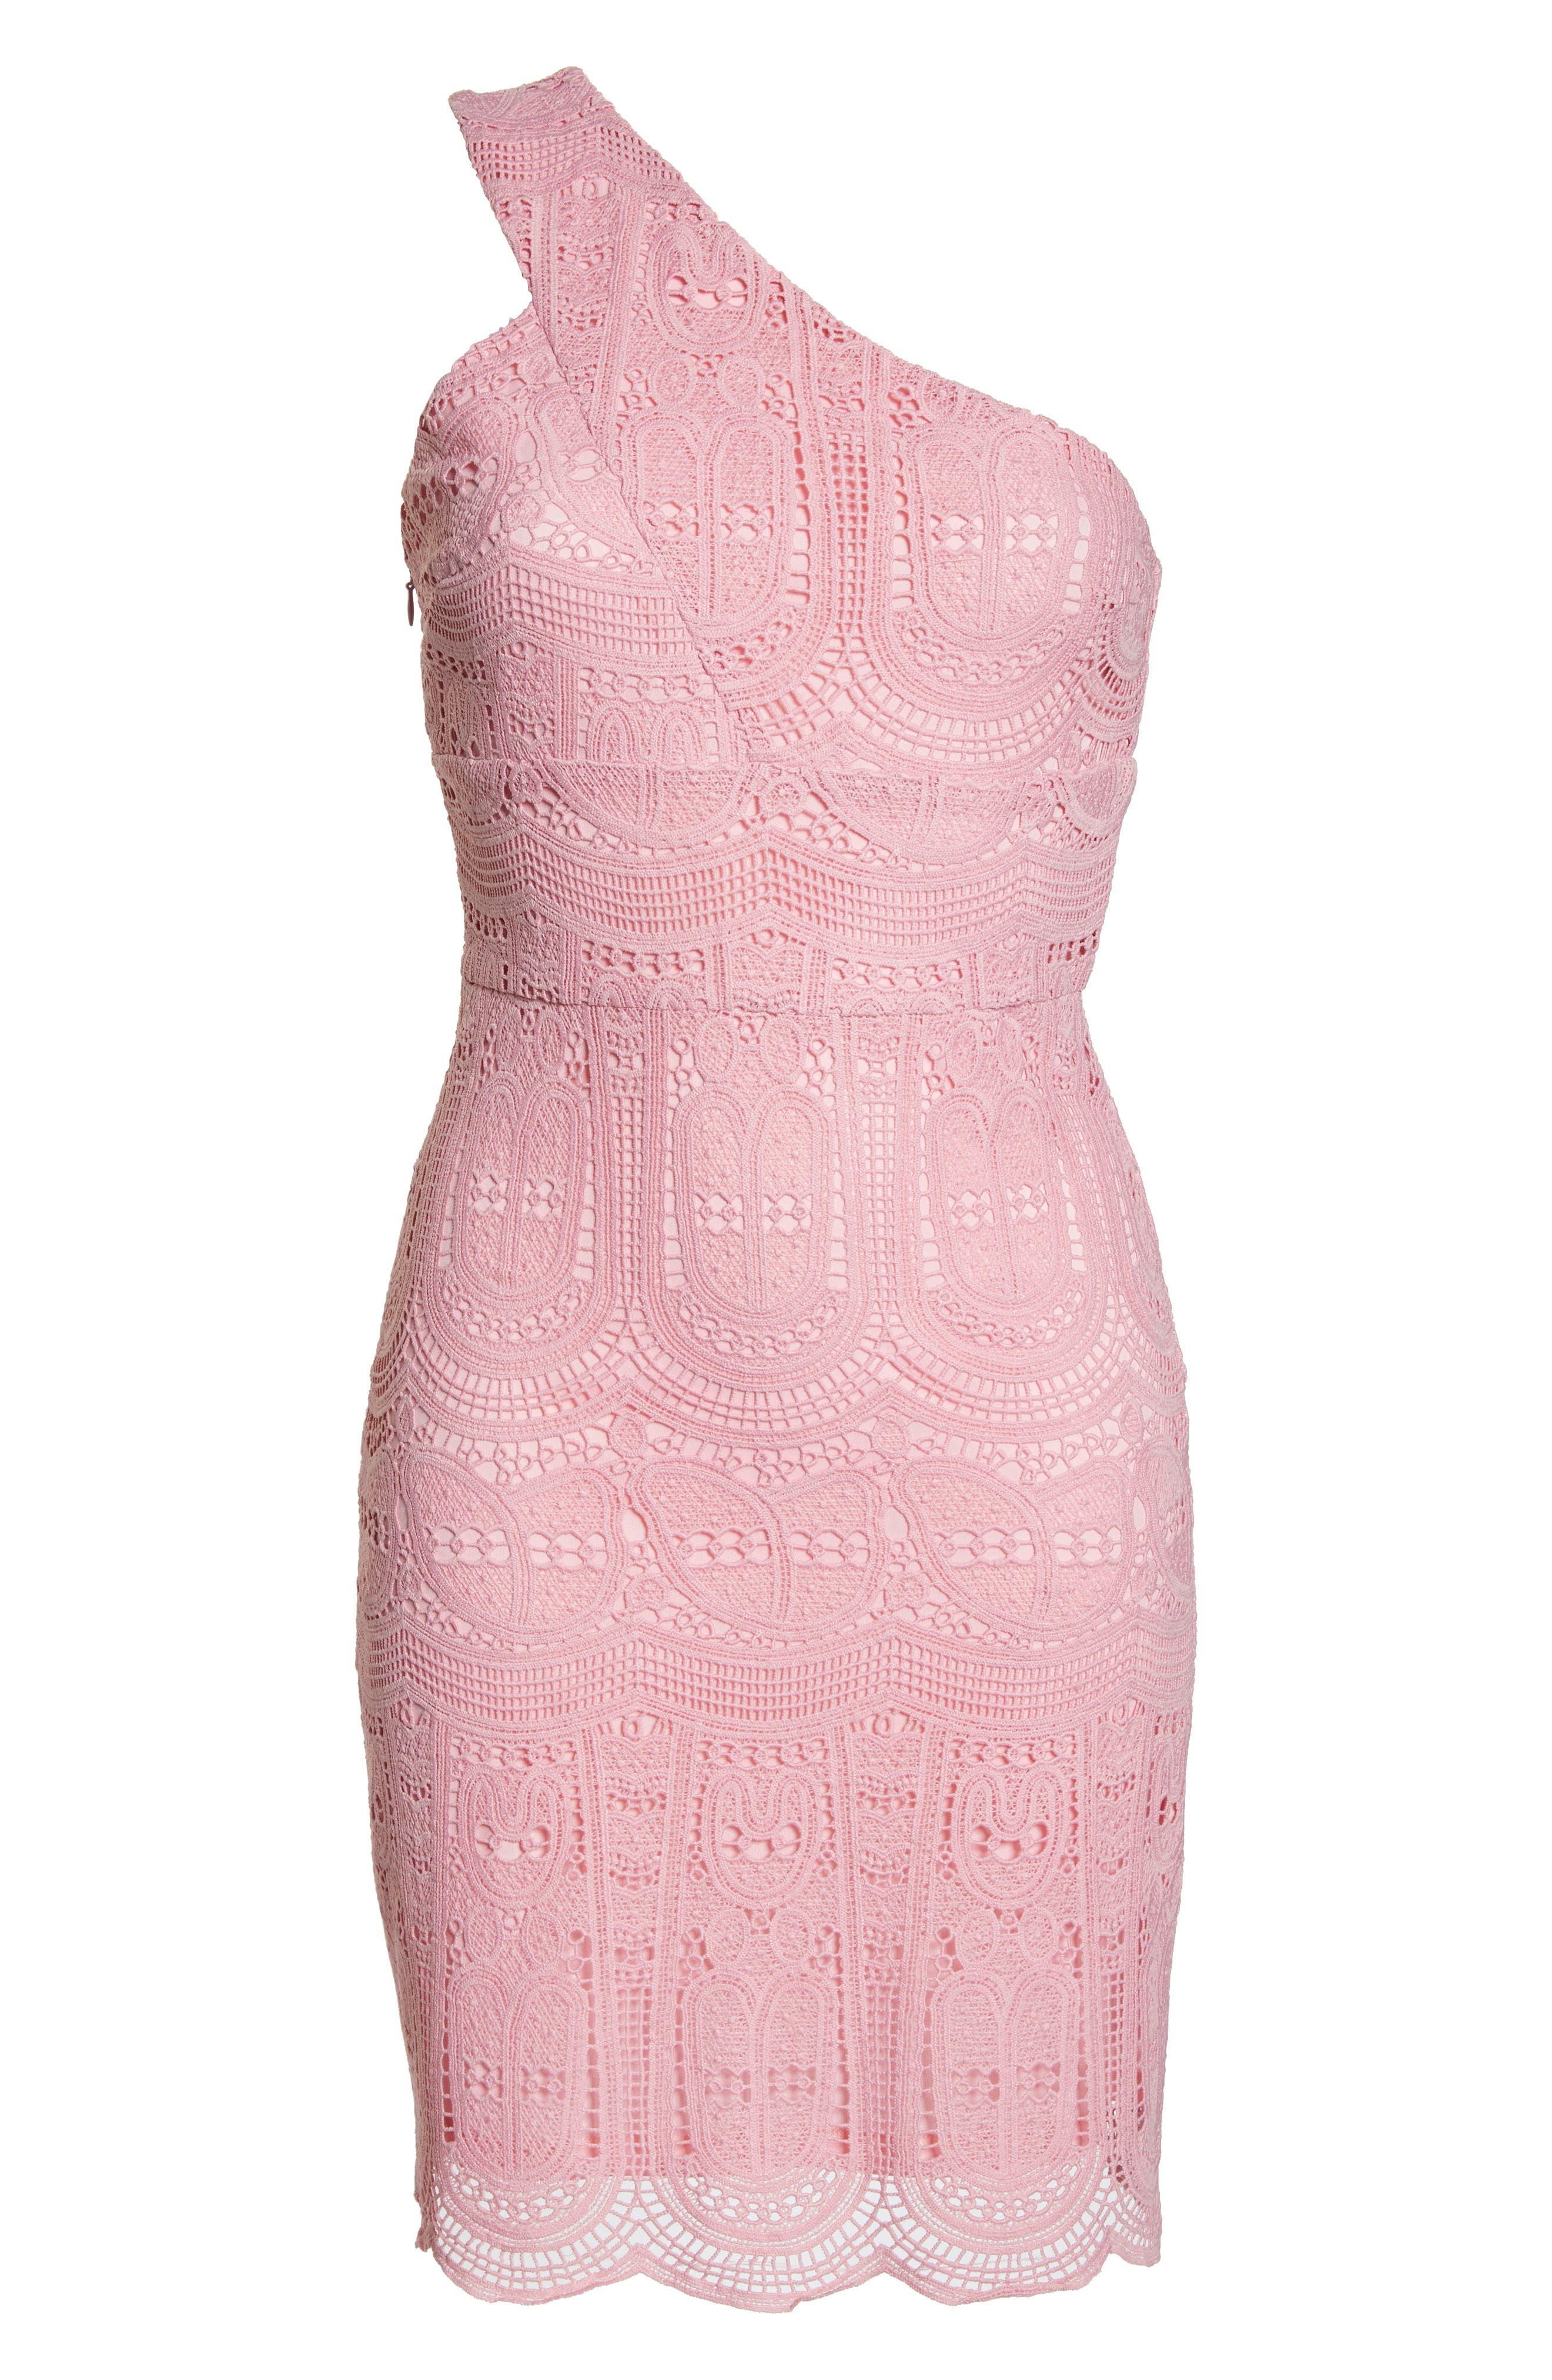 Grace One-Shoulder Lace Sheath Dress,                             Alternate thumbnail 7, color,                             PINK